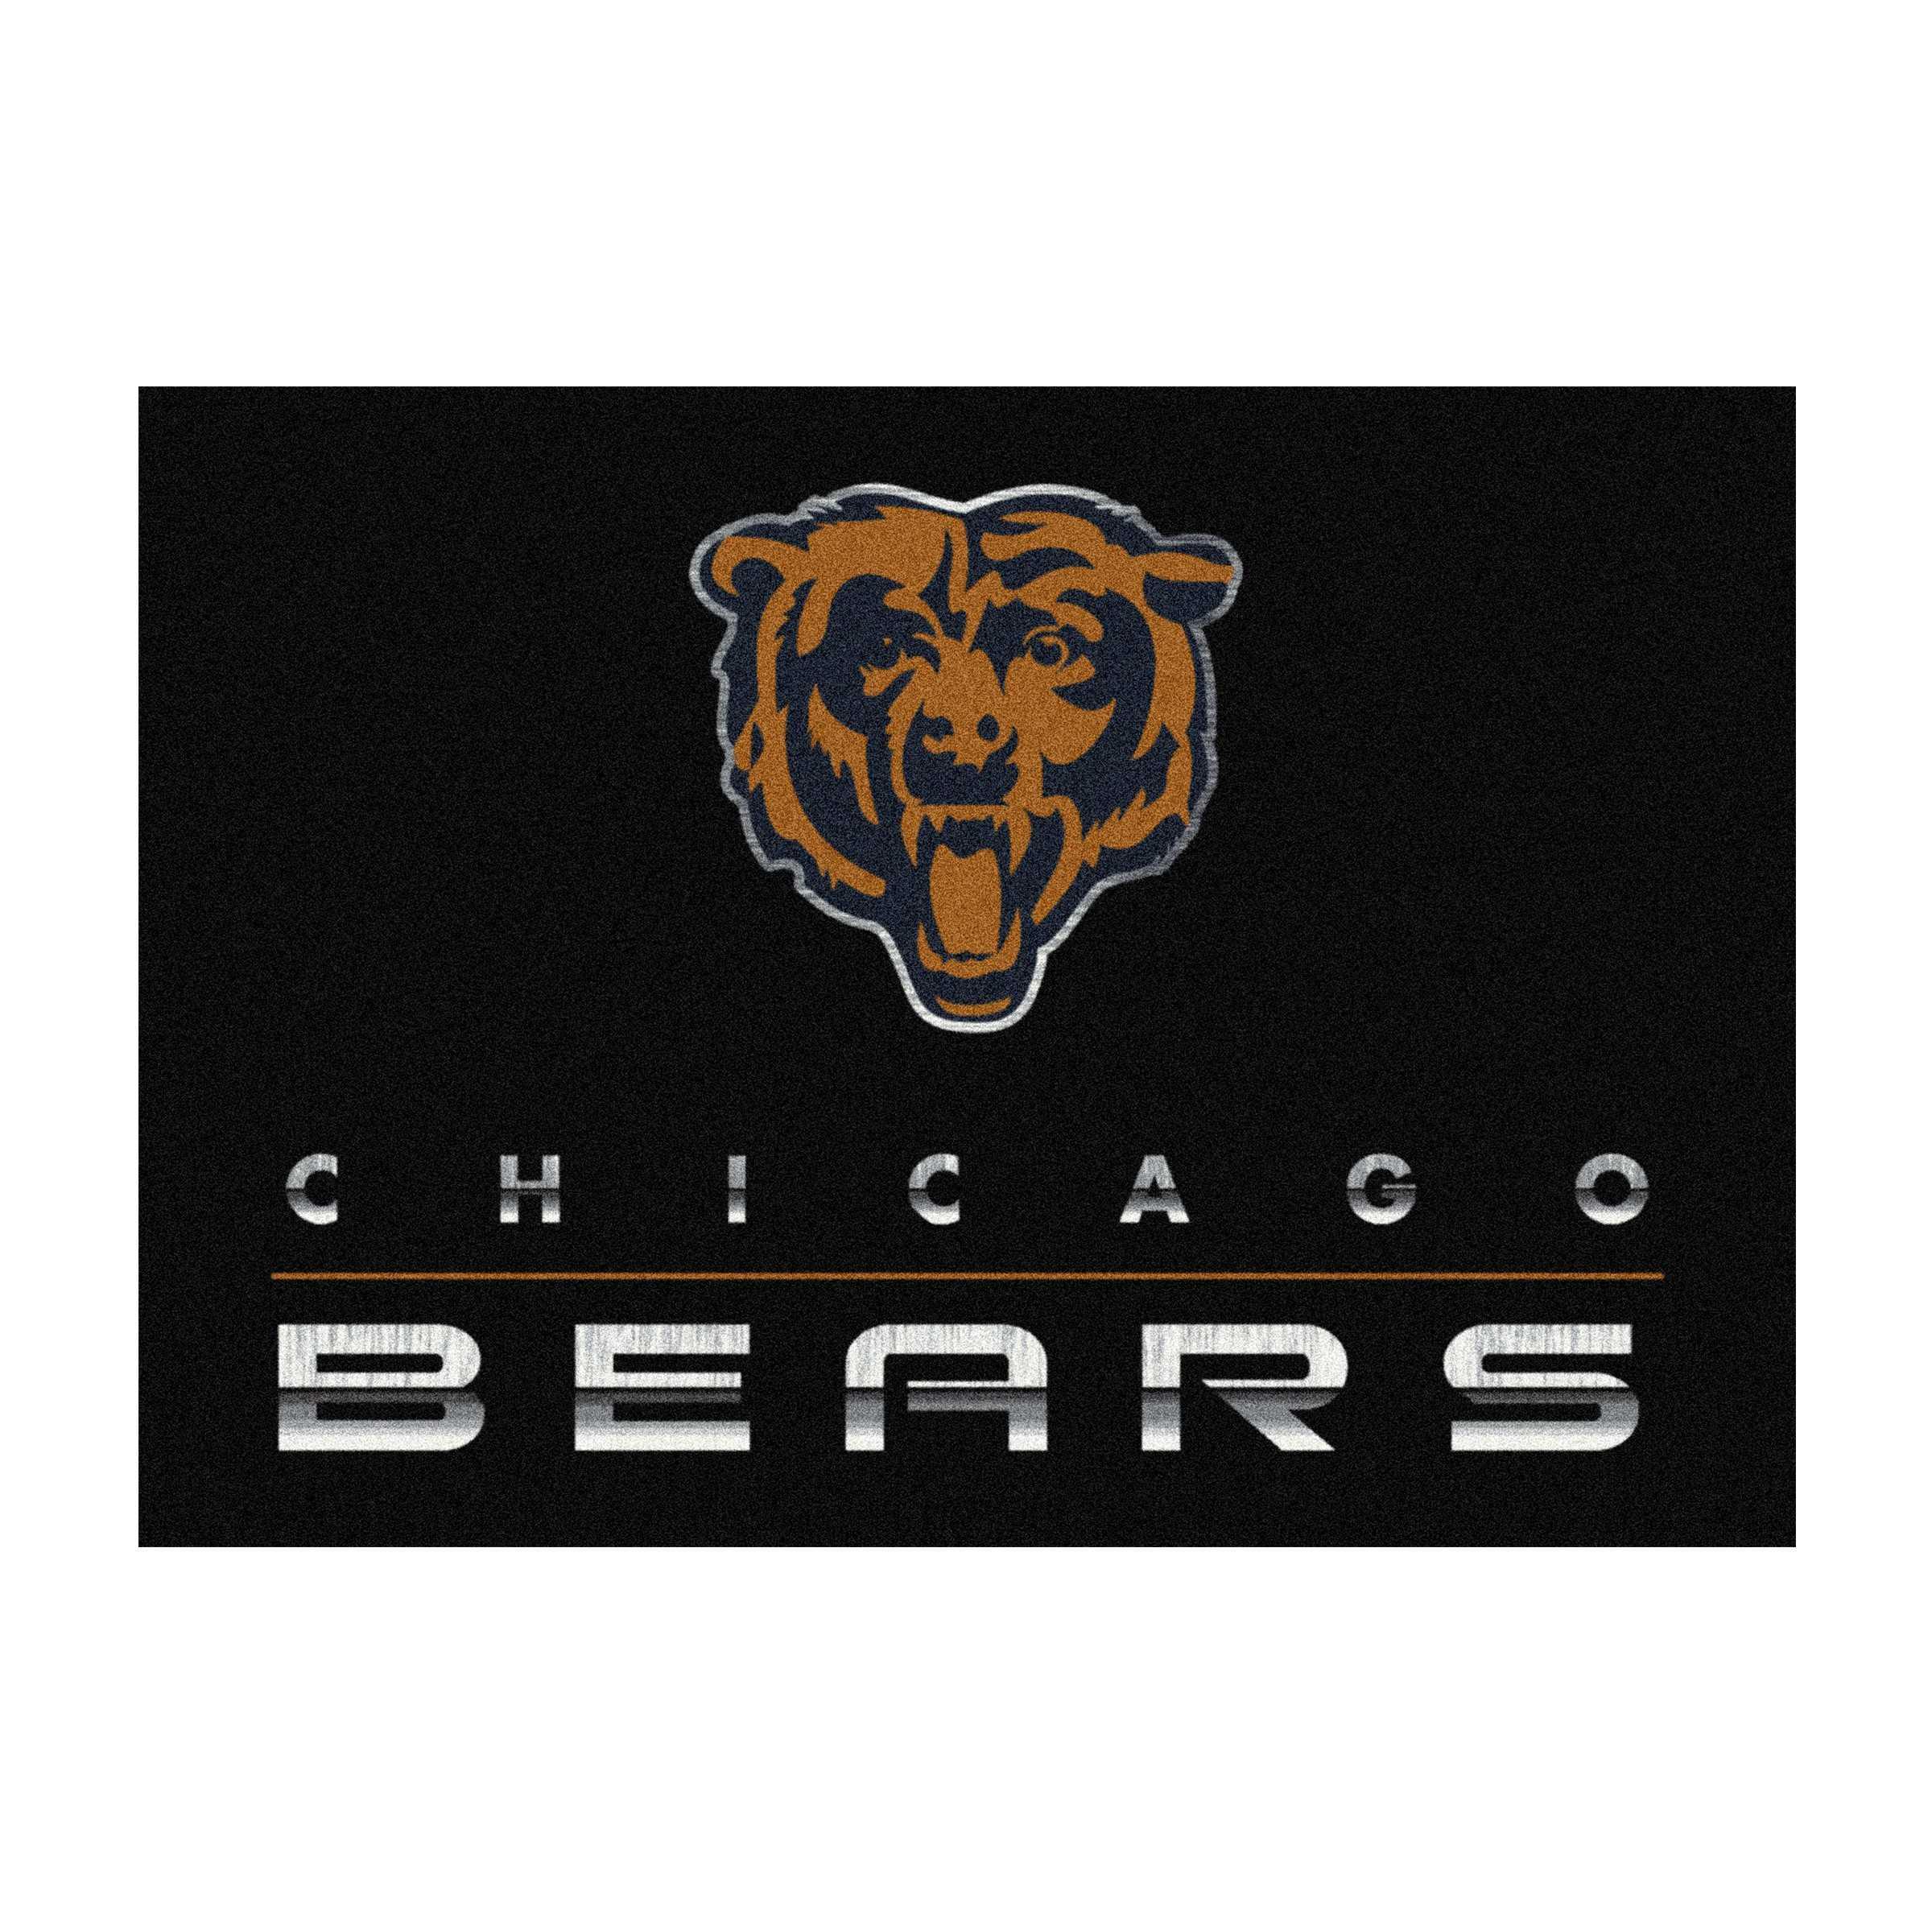 CHICAGO BEARS 4X6 CHROME RUG